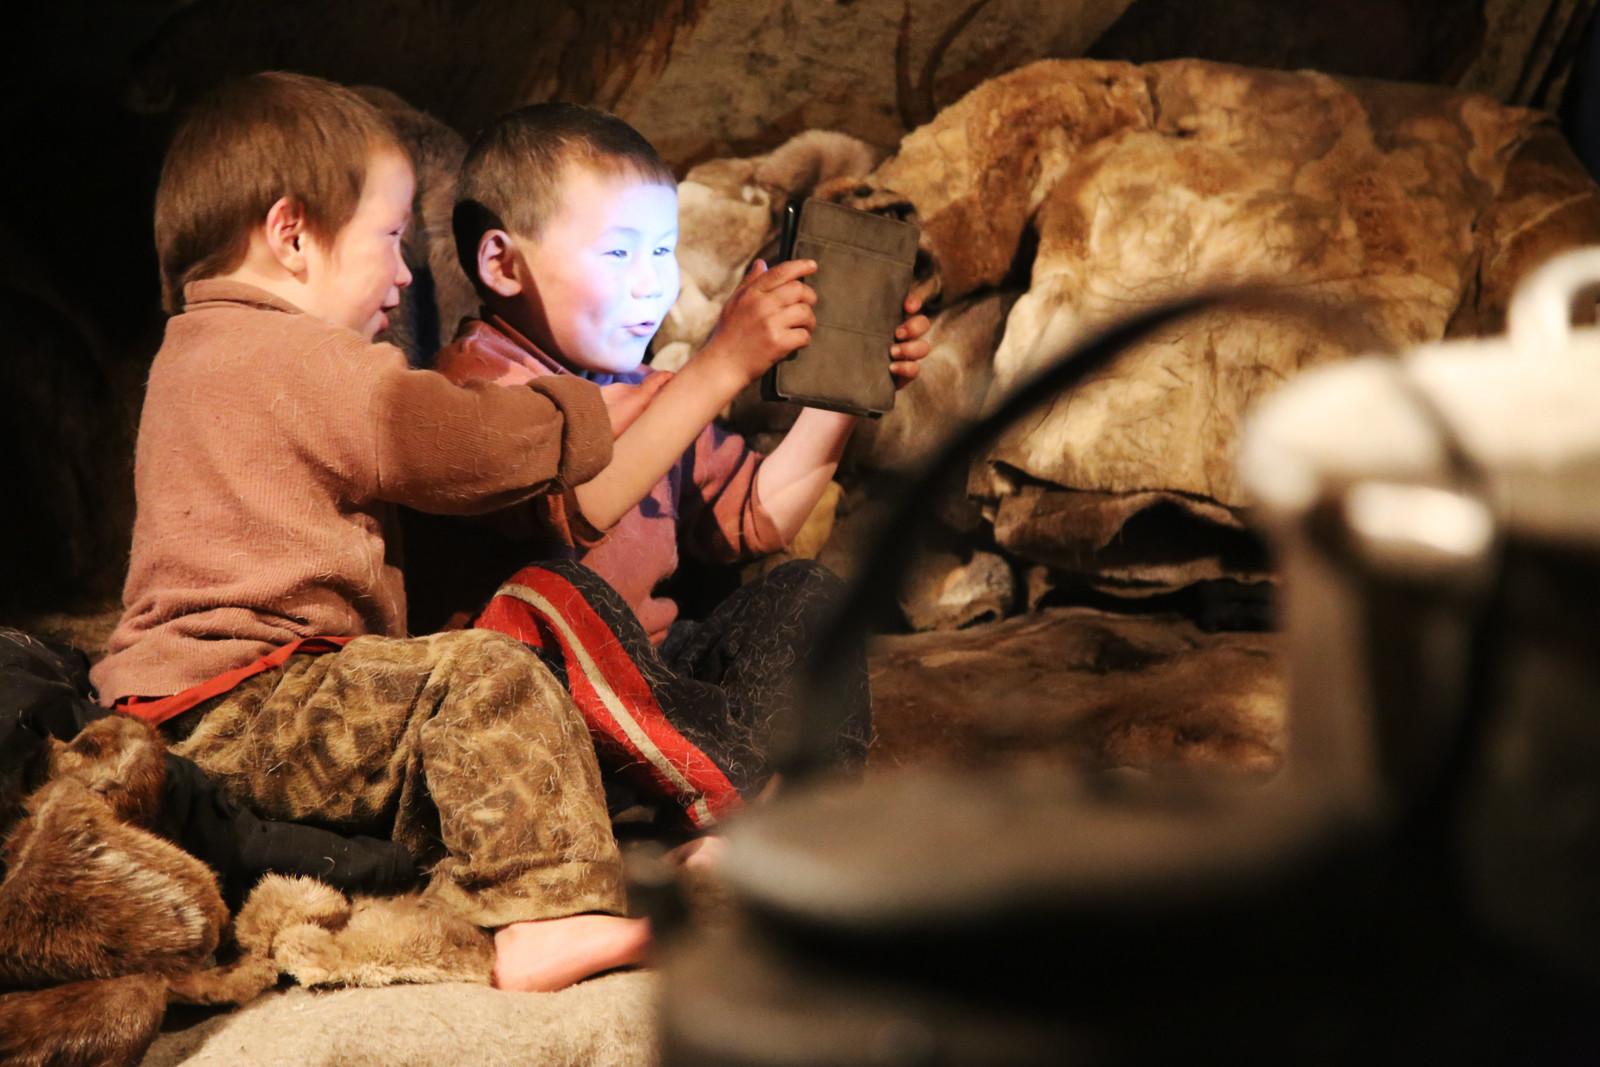 Anak-anak Nenet menonton kartun.